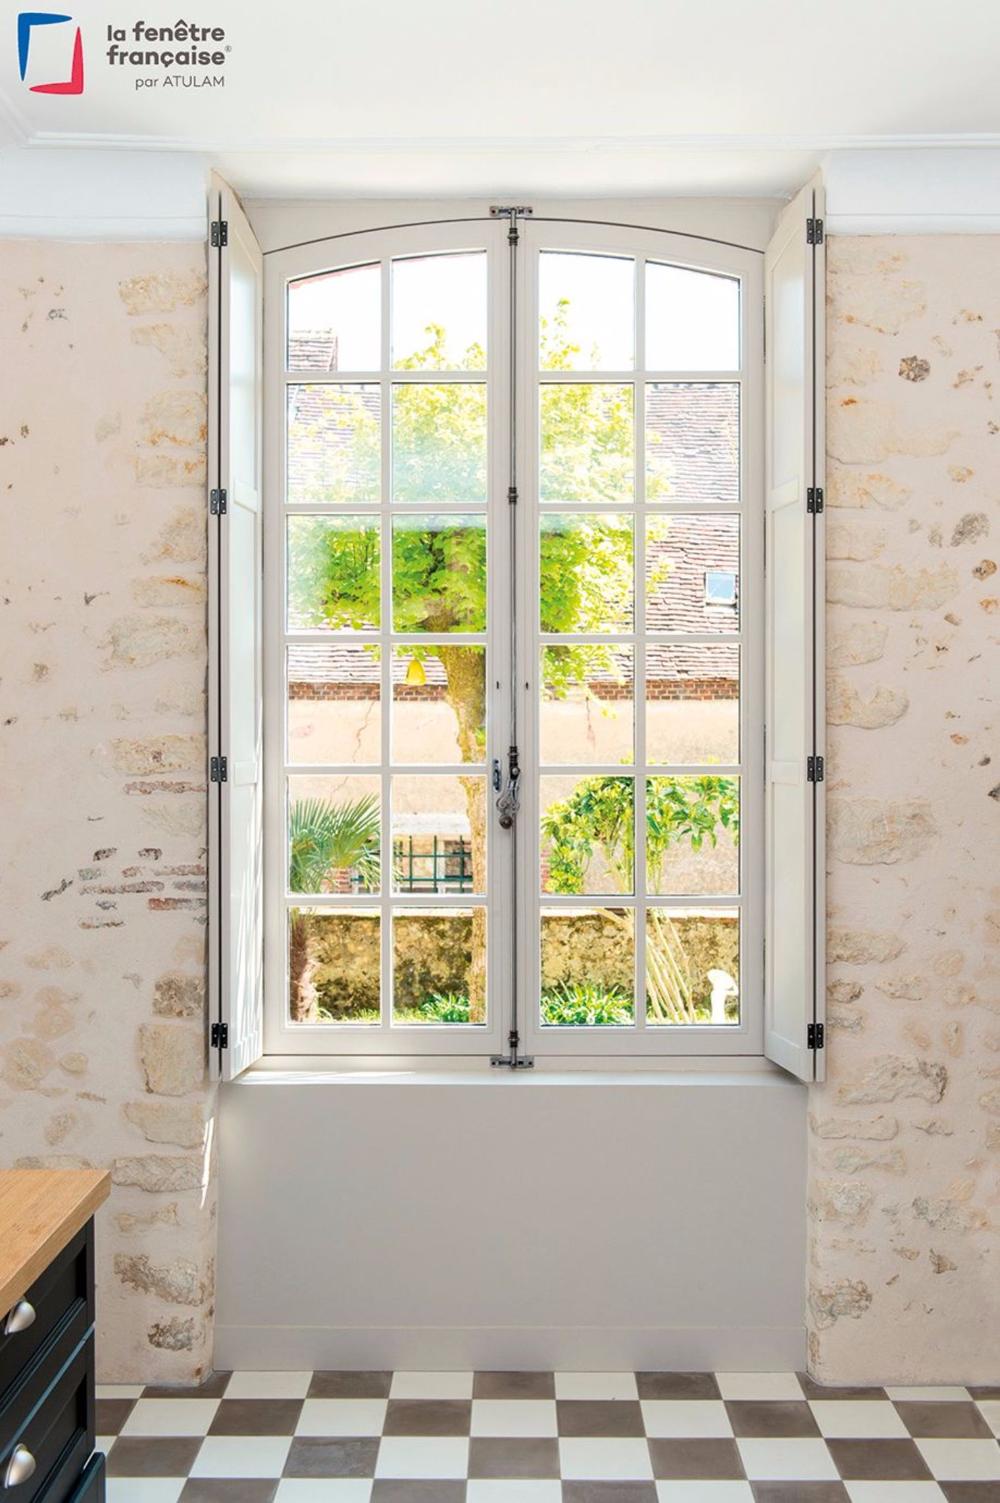 Rénover Une Maison Alsacienne fenêtre : changer, rénover pour fenêtre pvc ou bois